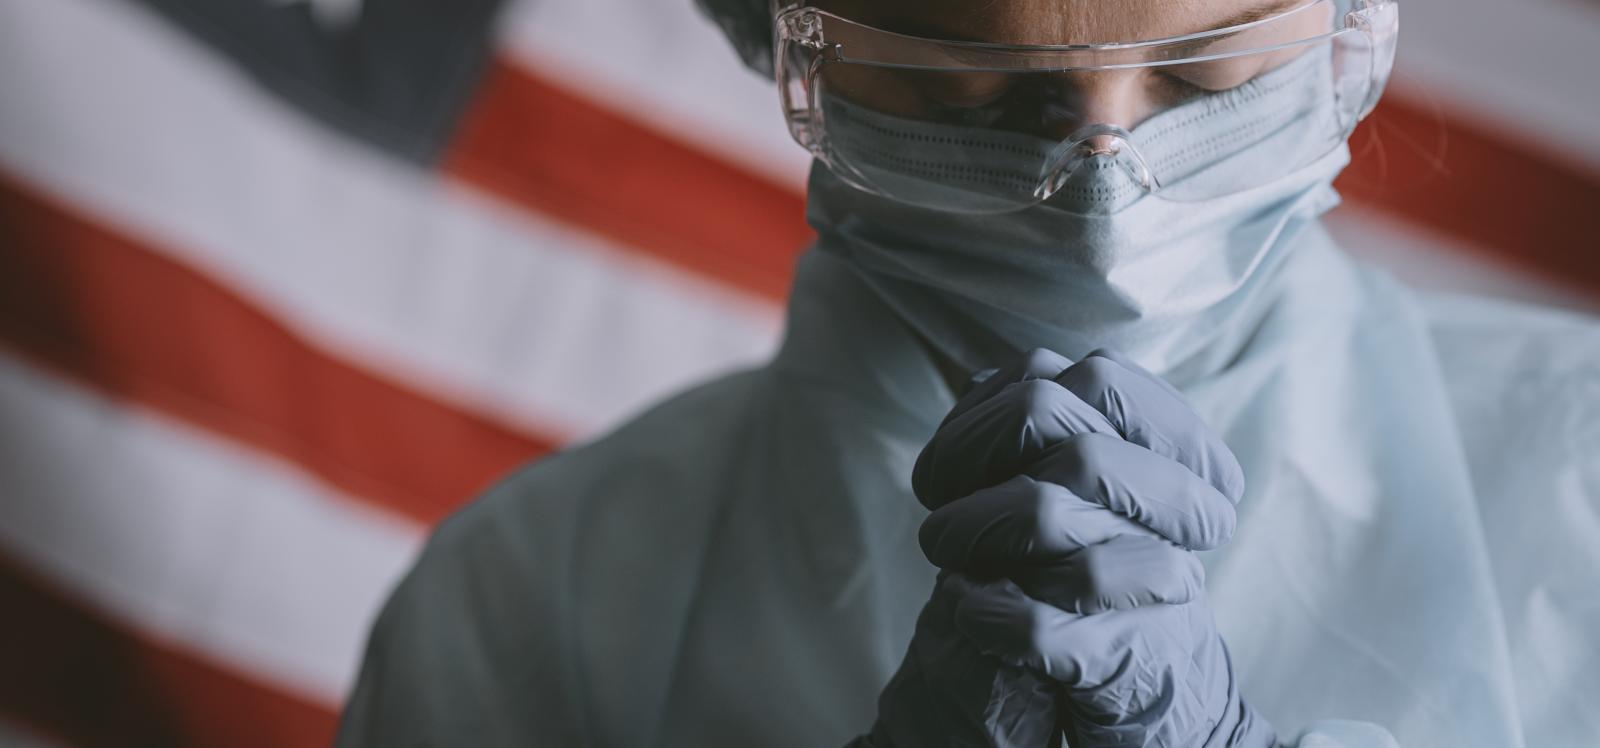 USA nurse praying